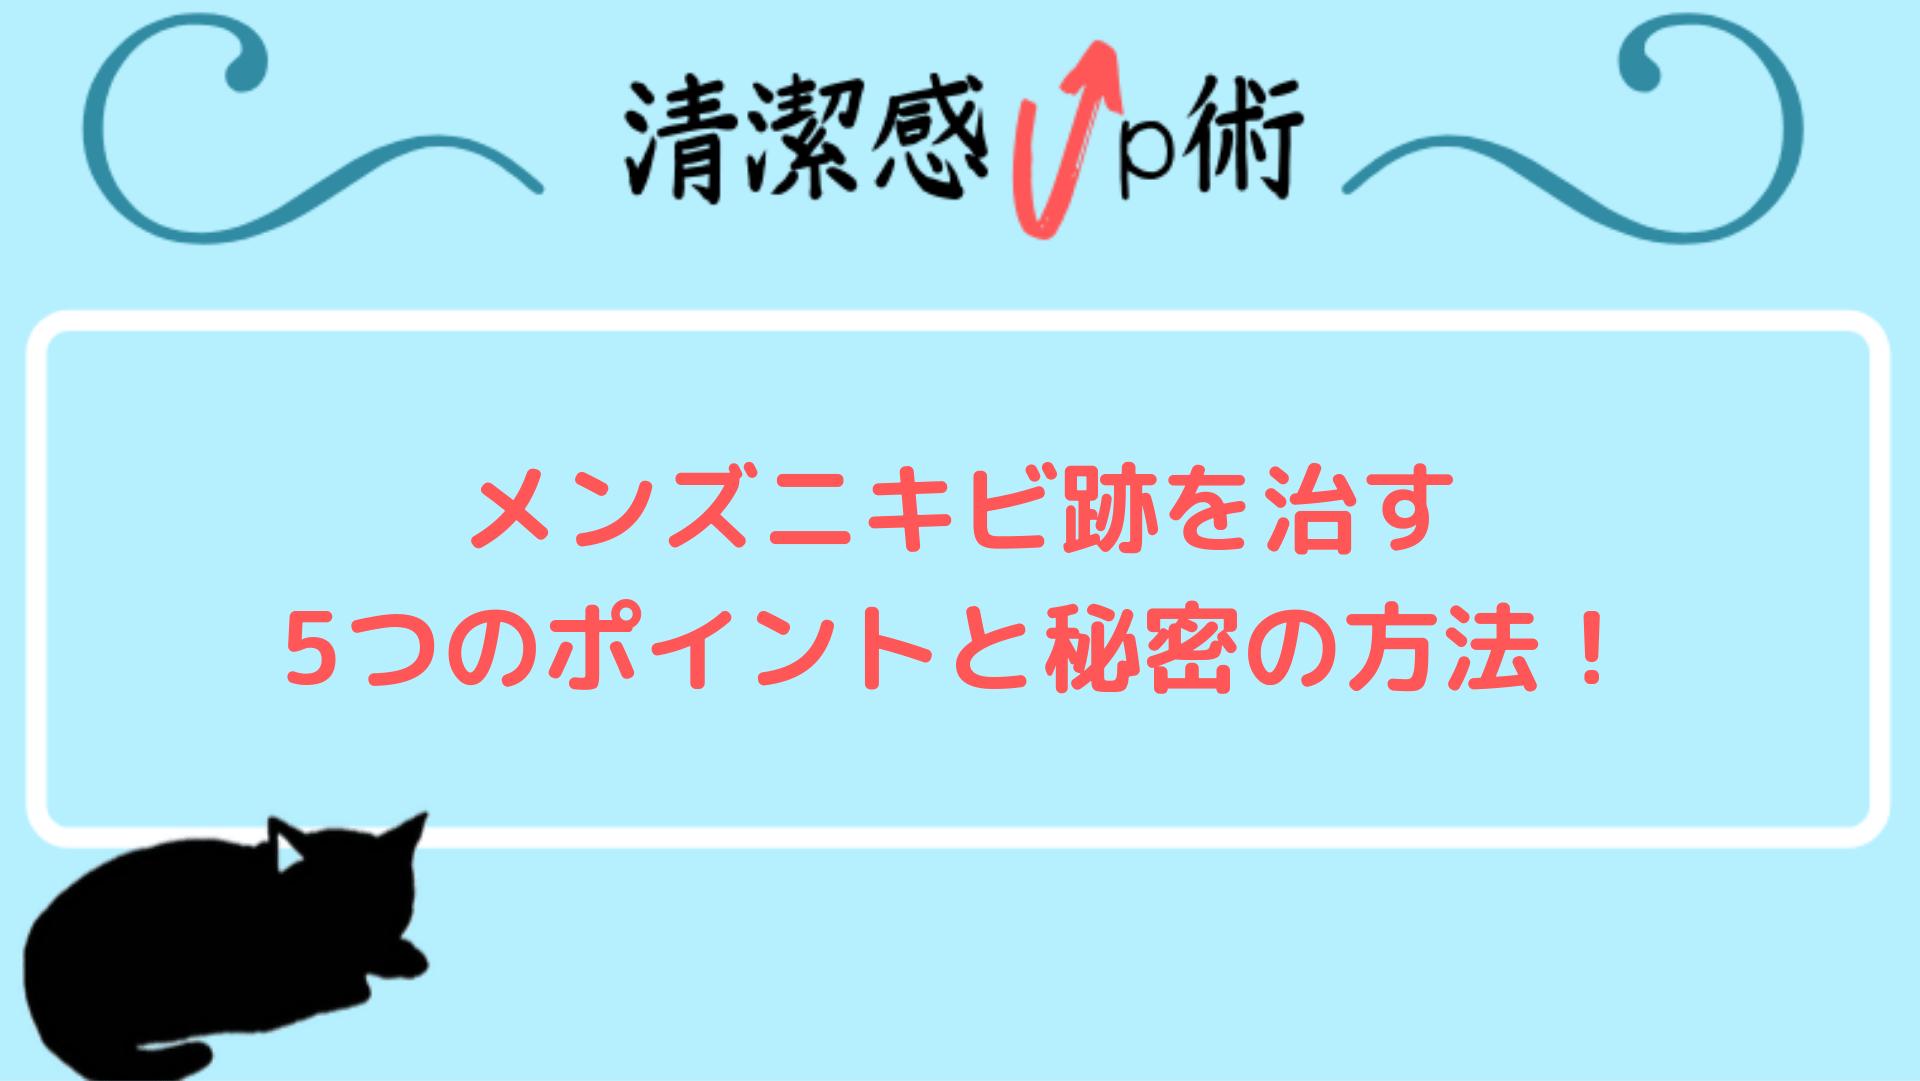 【徹底解説!】メンズニキビ跡を治す5つのポイントと秘密の方法!